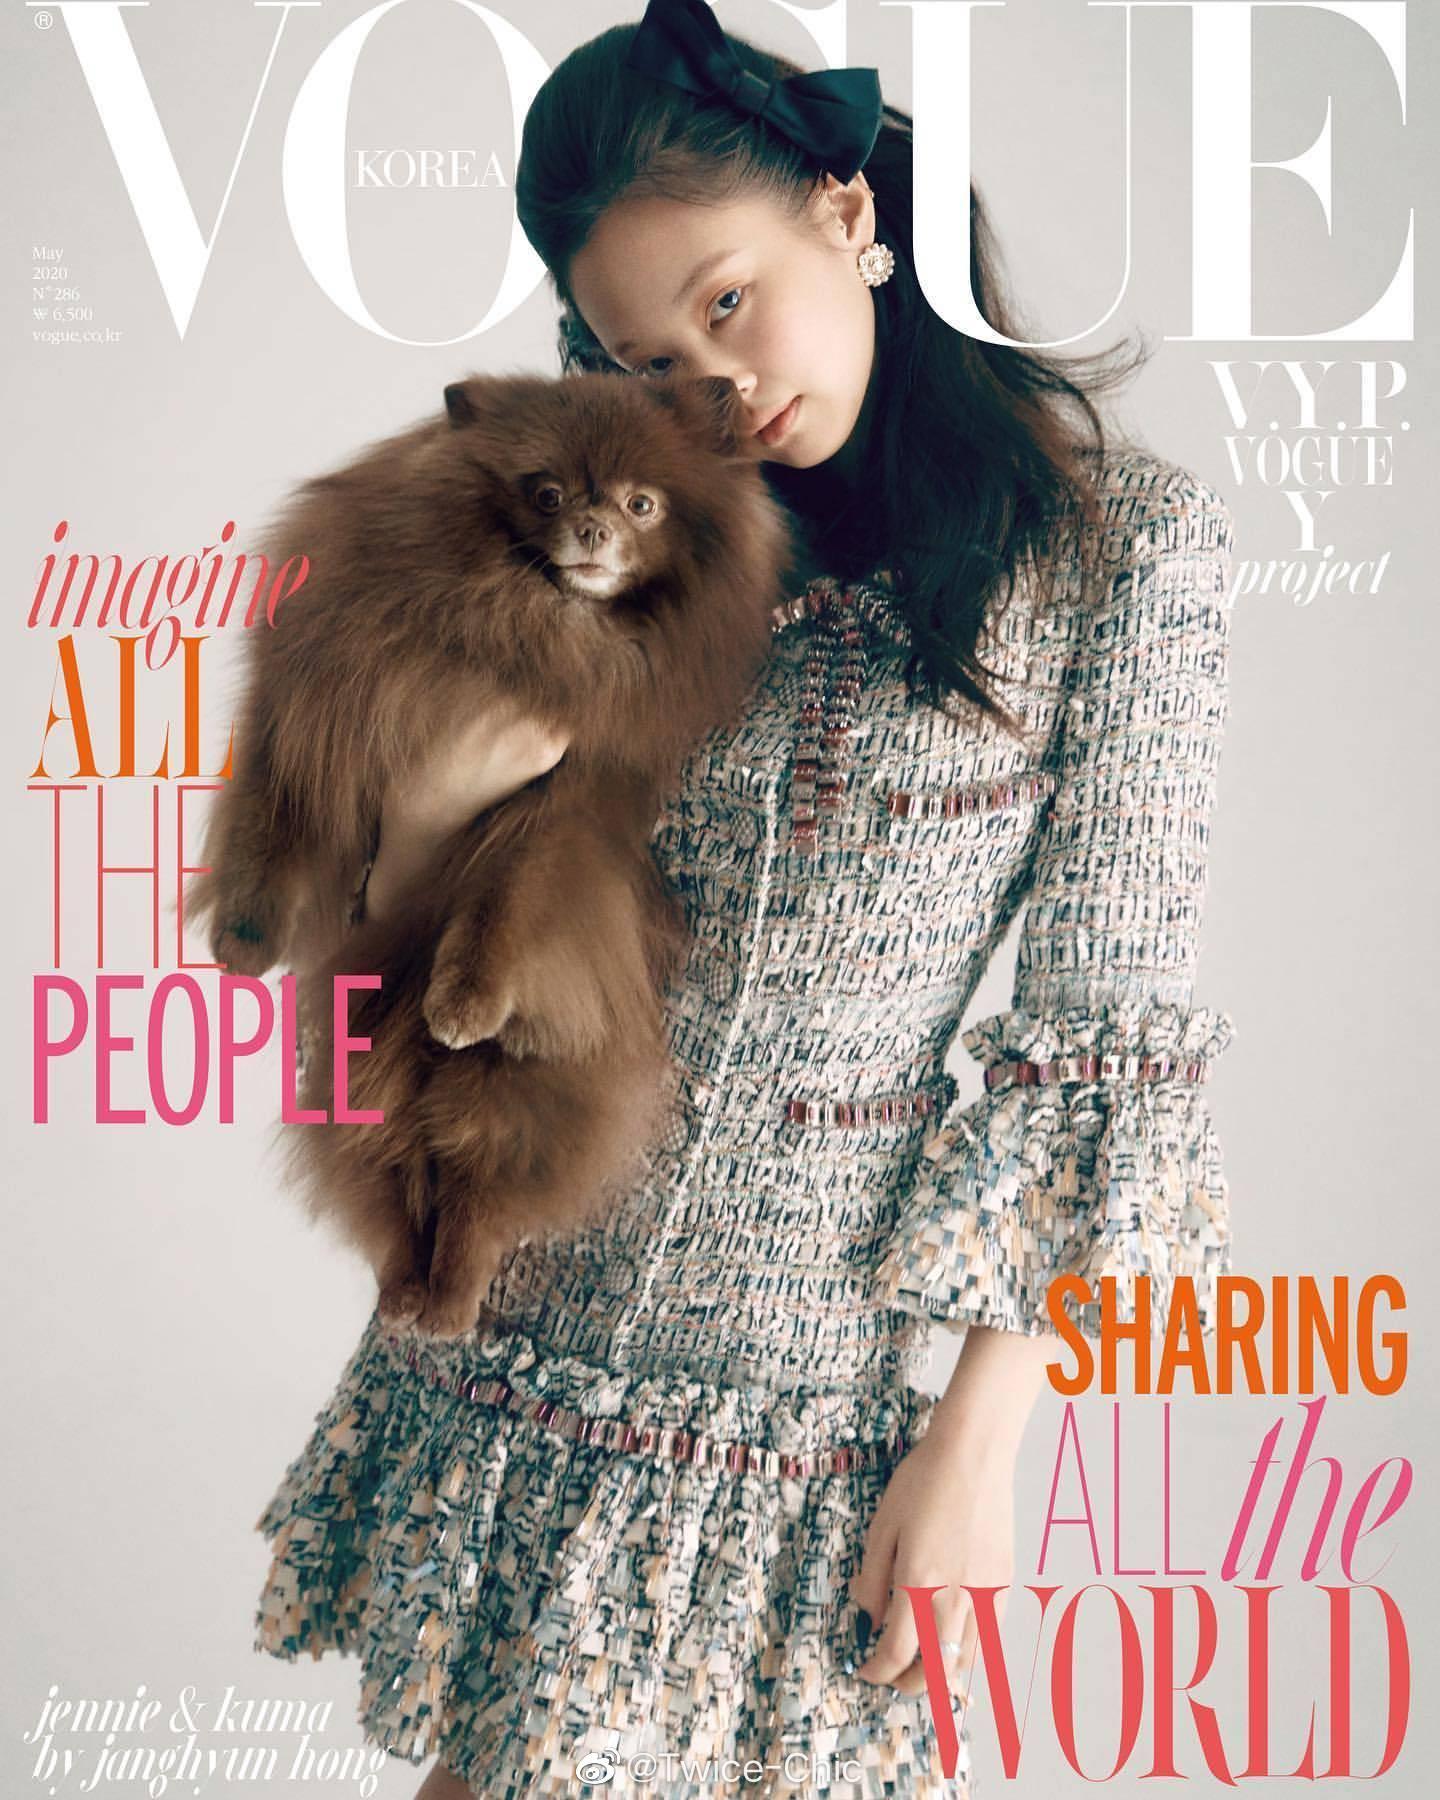 韩版时尚杂志5月刊封面盘点「Jennie - VOGUE   金高银 - ELLE